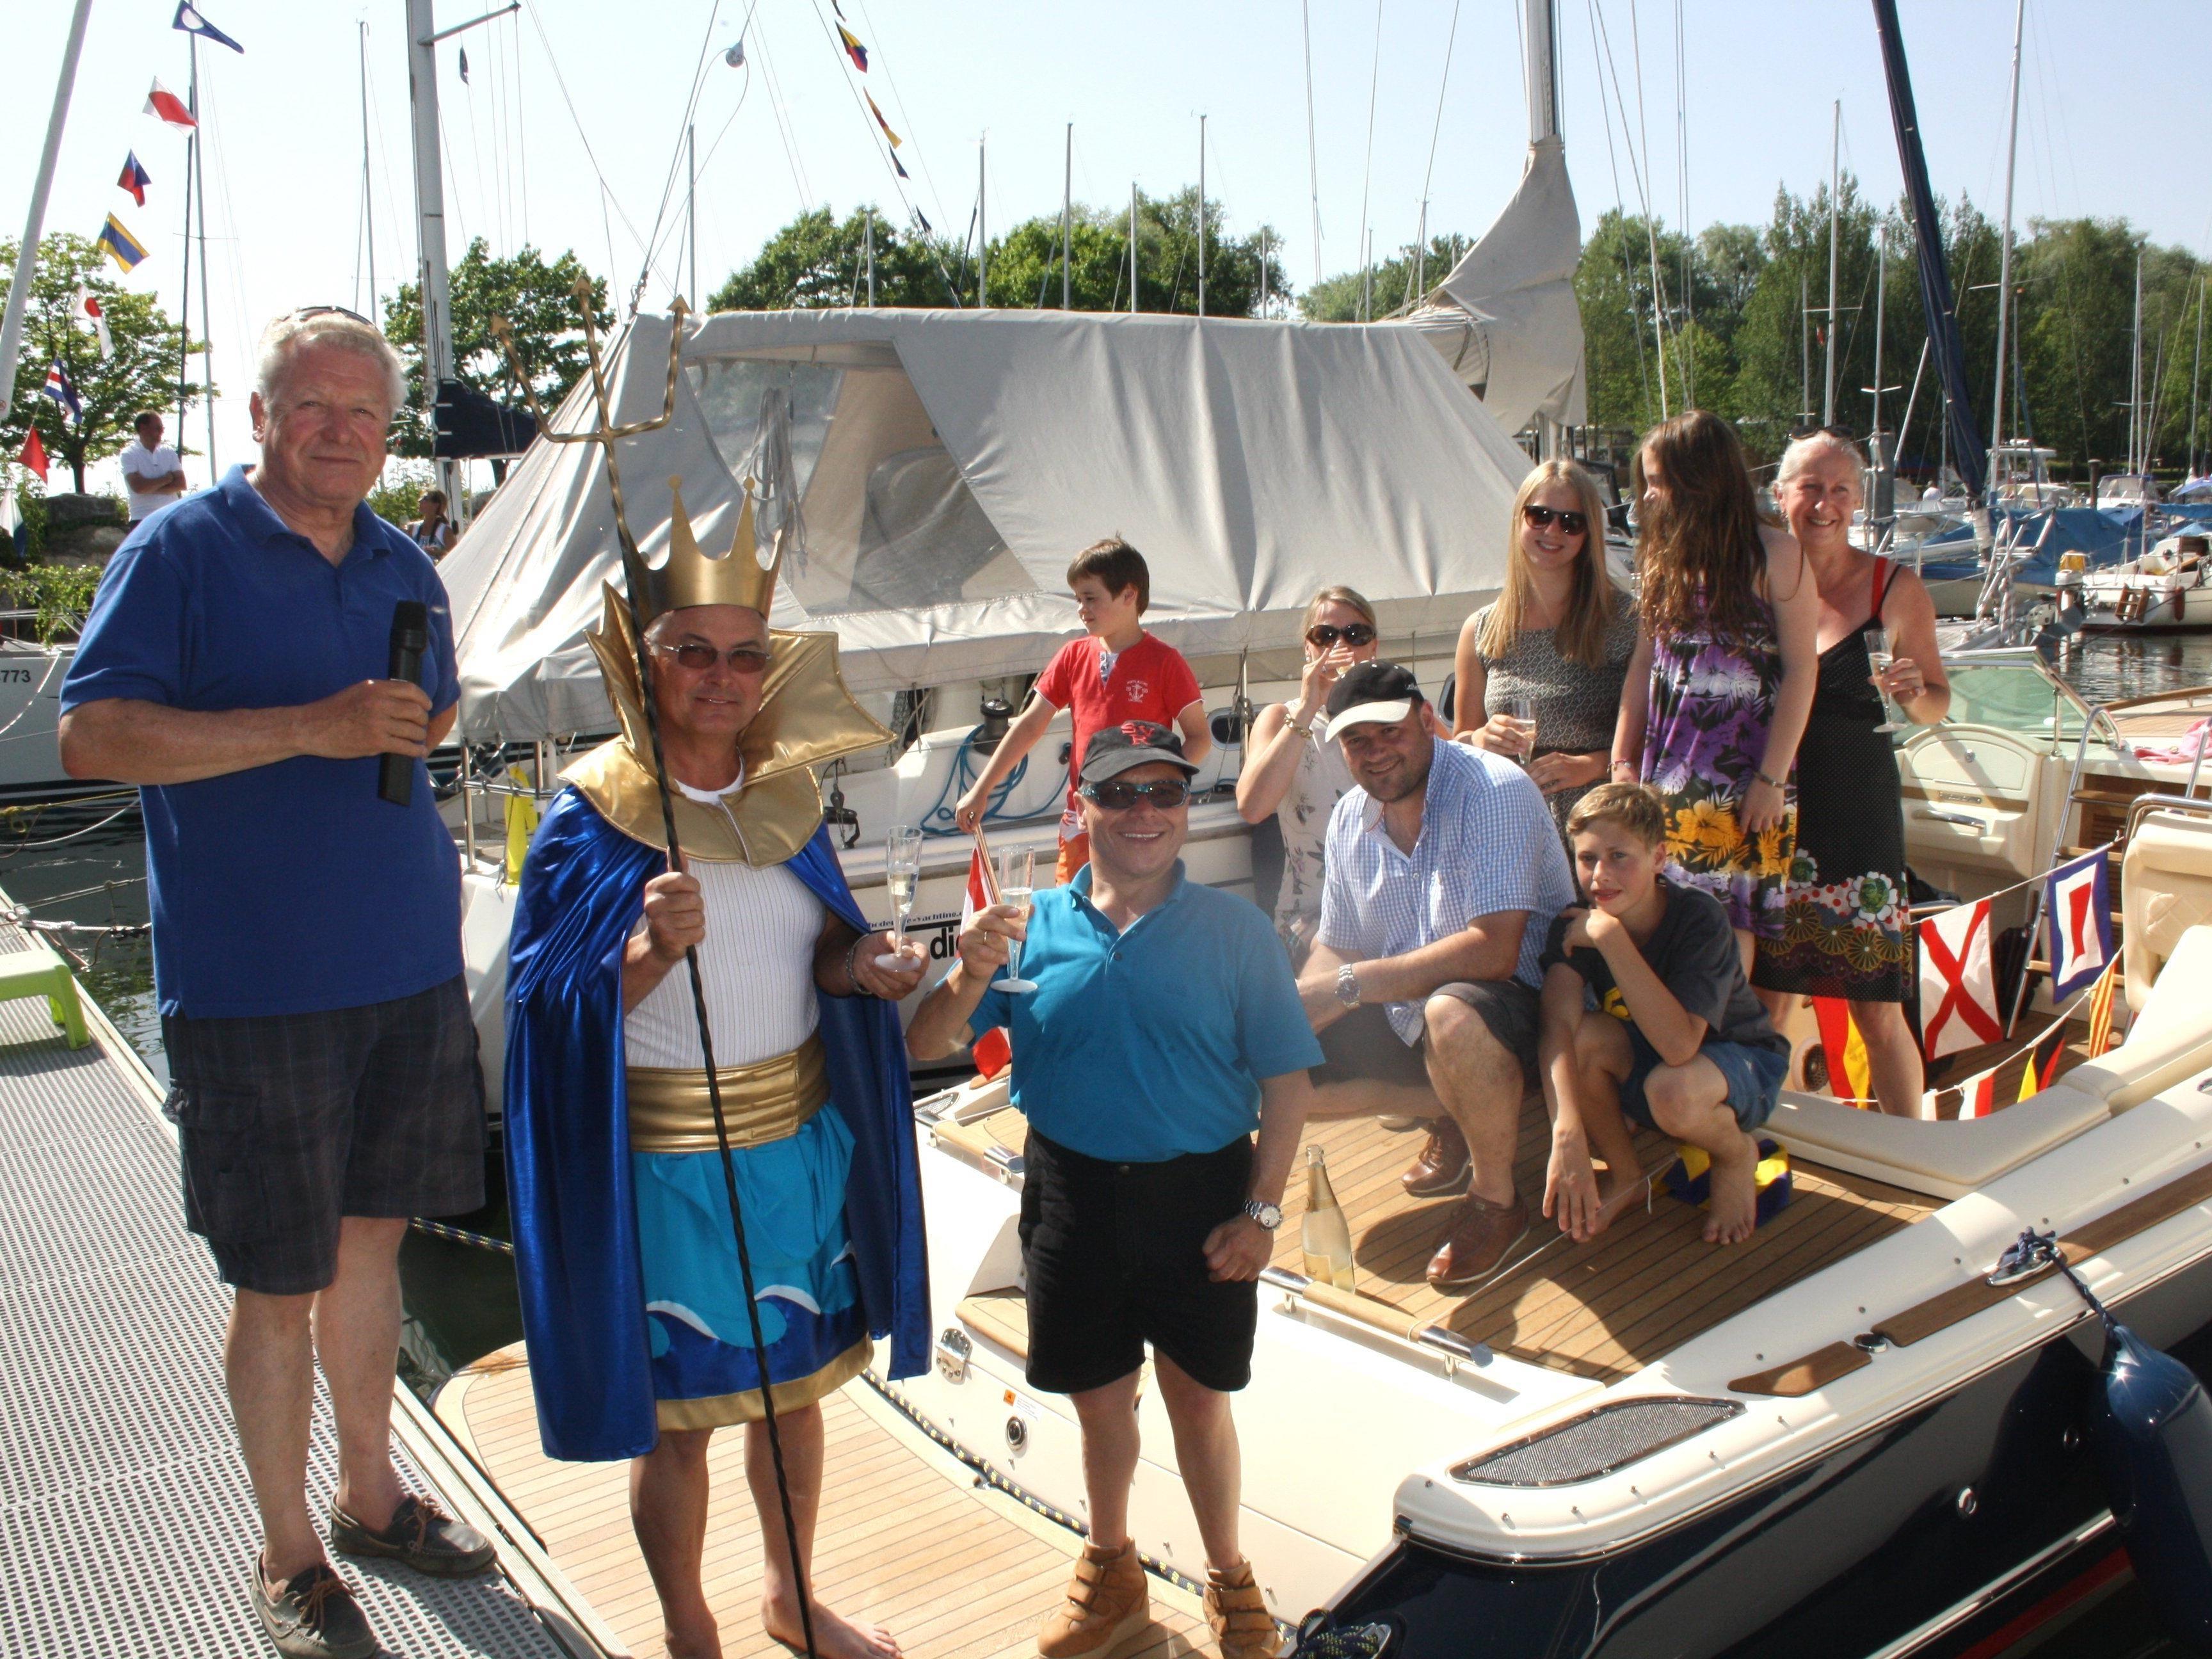 Langjährige Tradition hat die Bootstaufe des Lochauer Yachtclubs am Pfingstsonntag im Hafen.